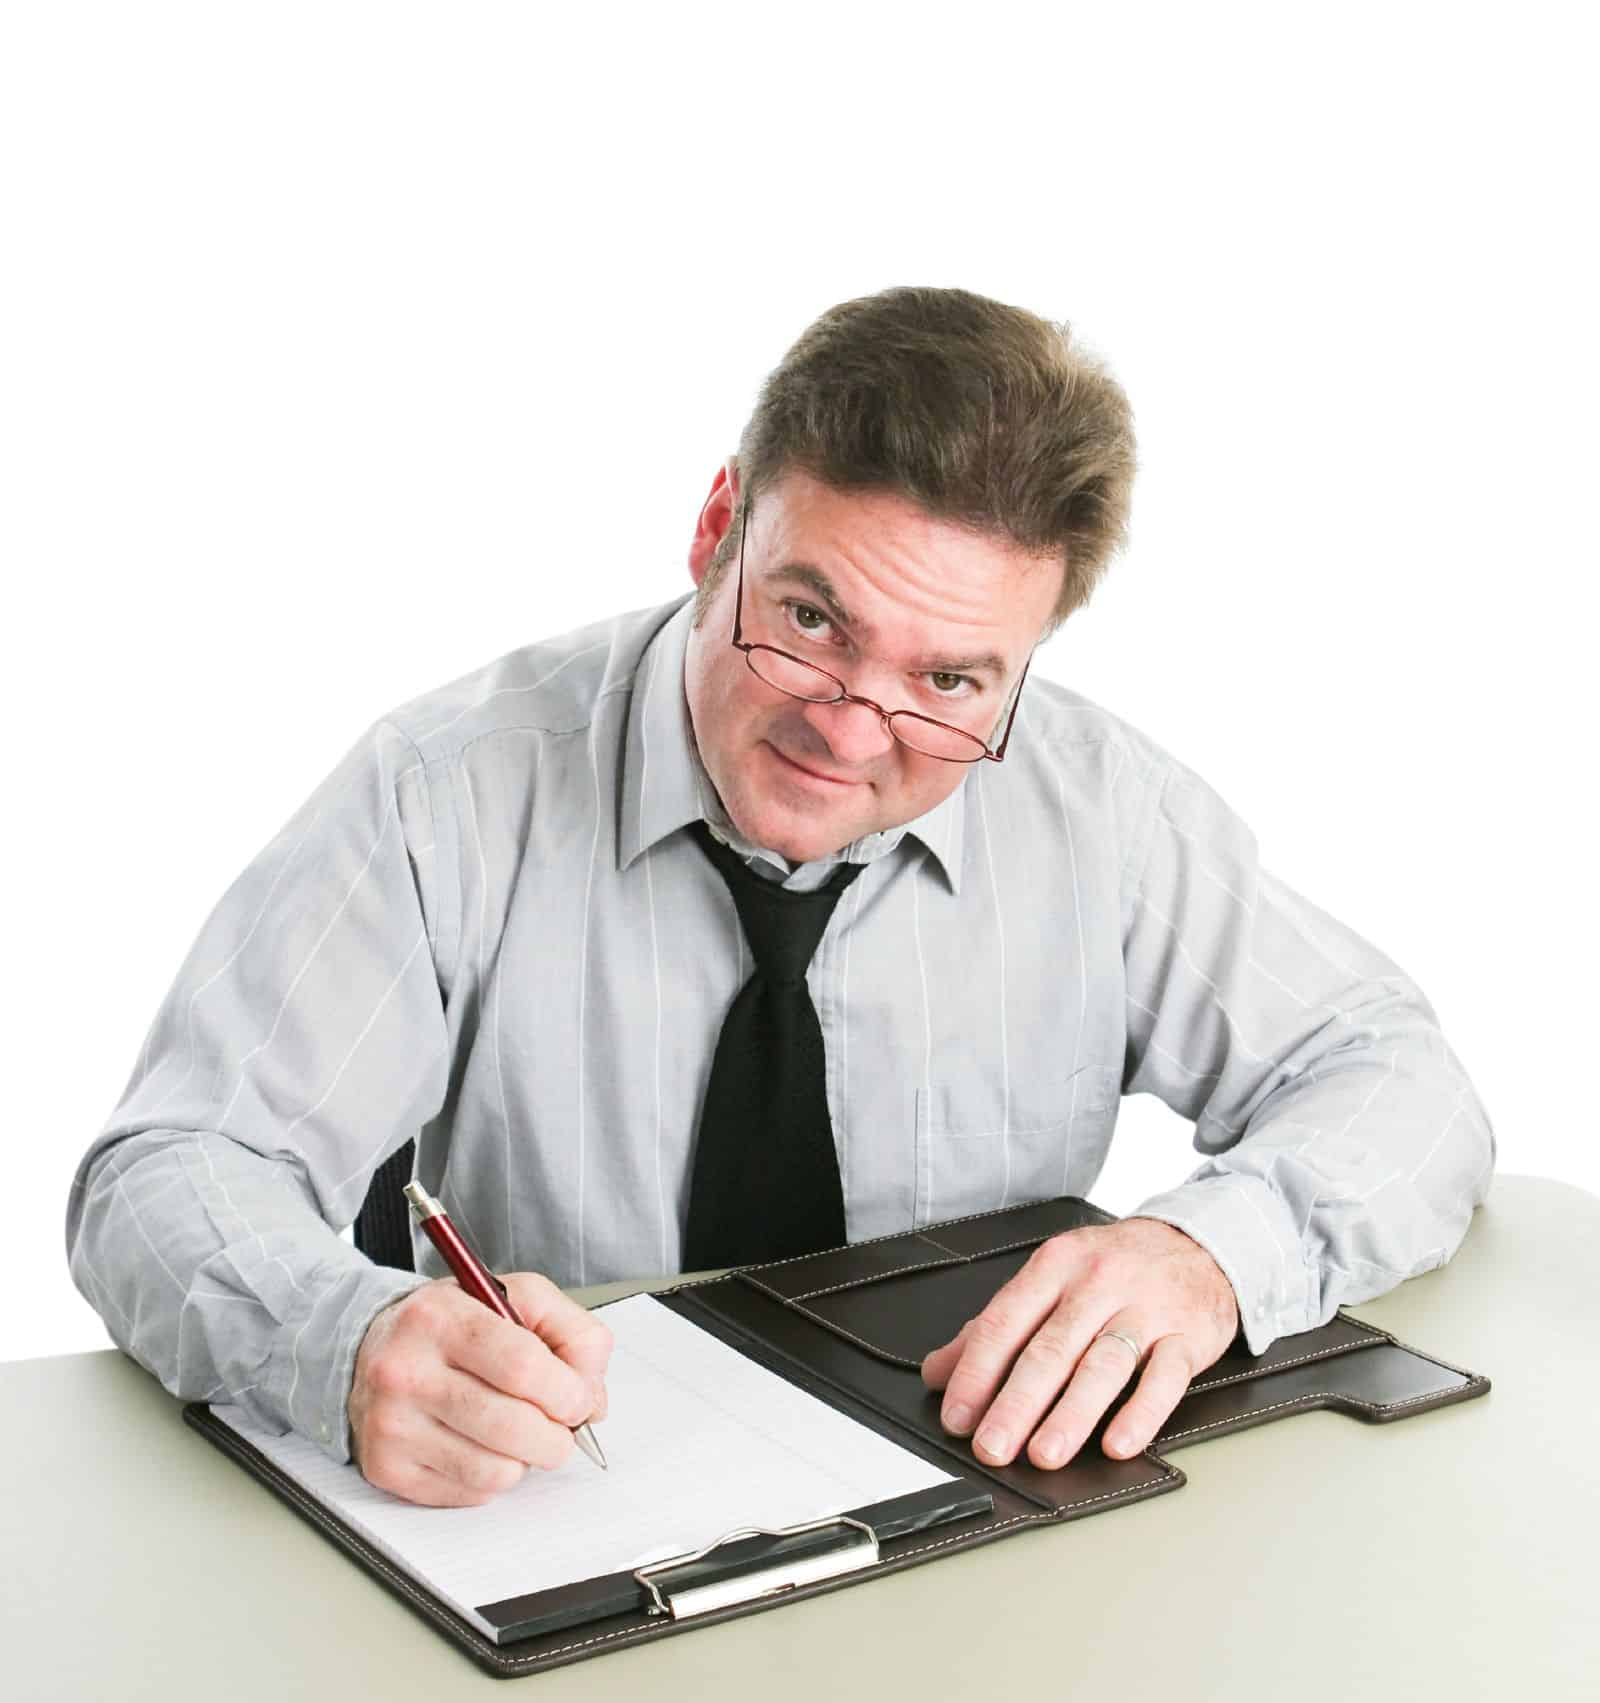 Как оформить увольнение работника по собственному желанию